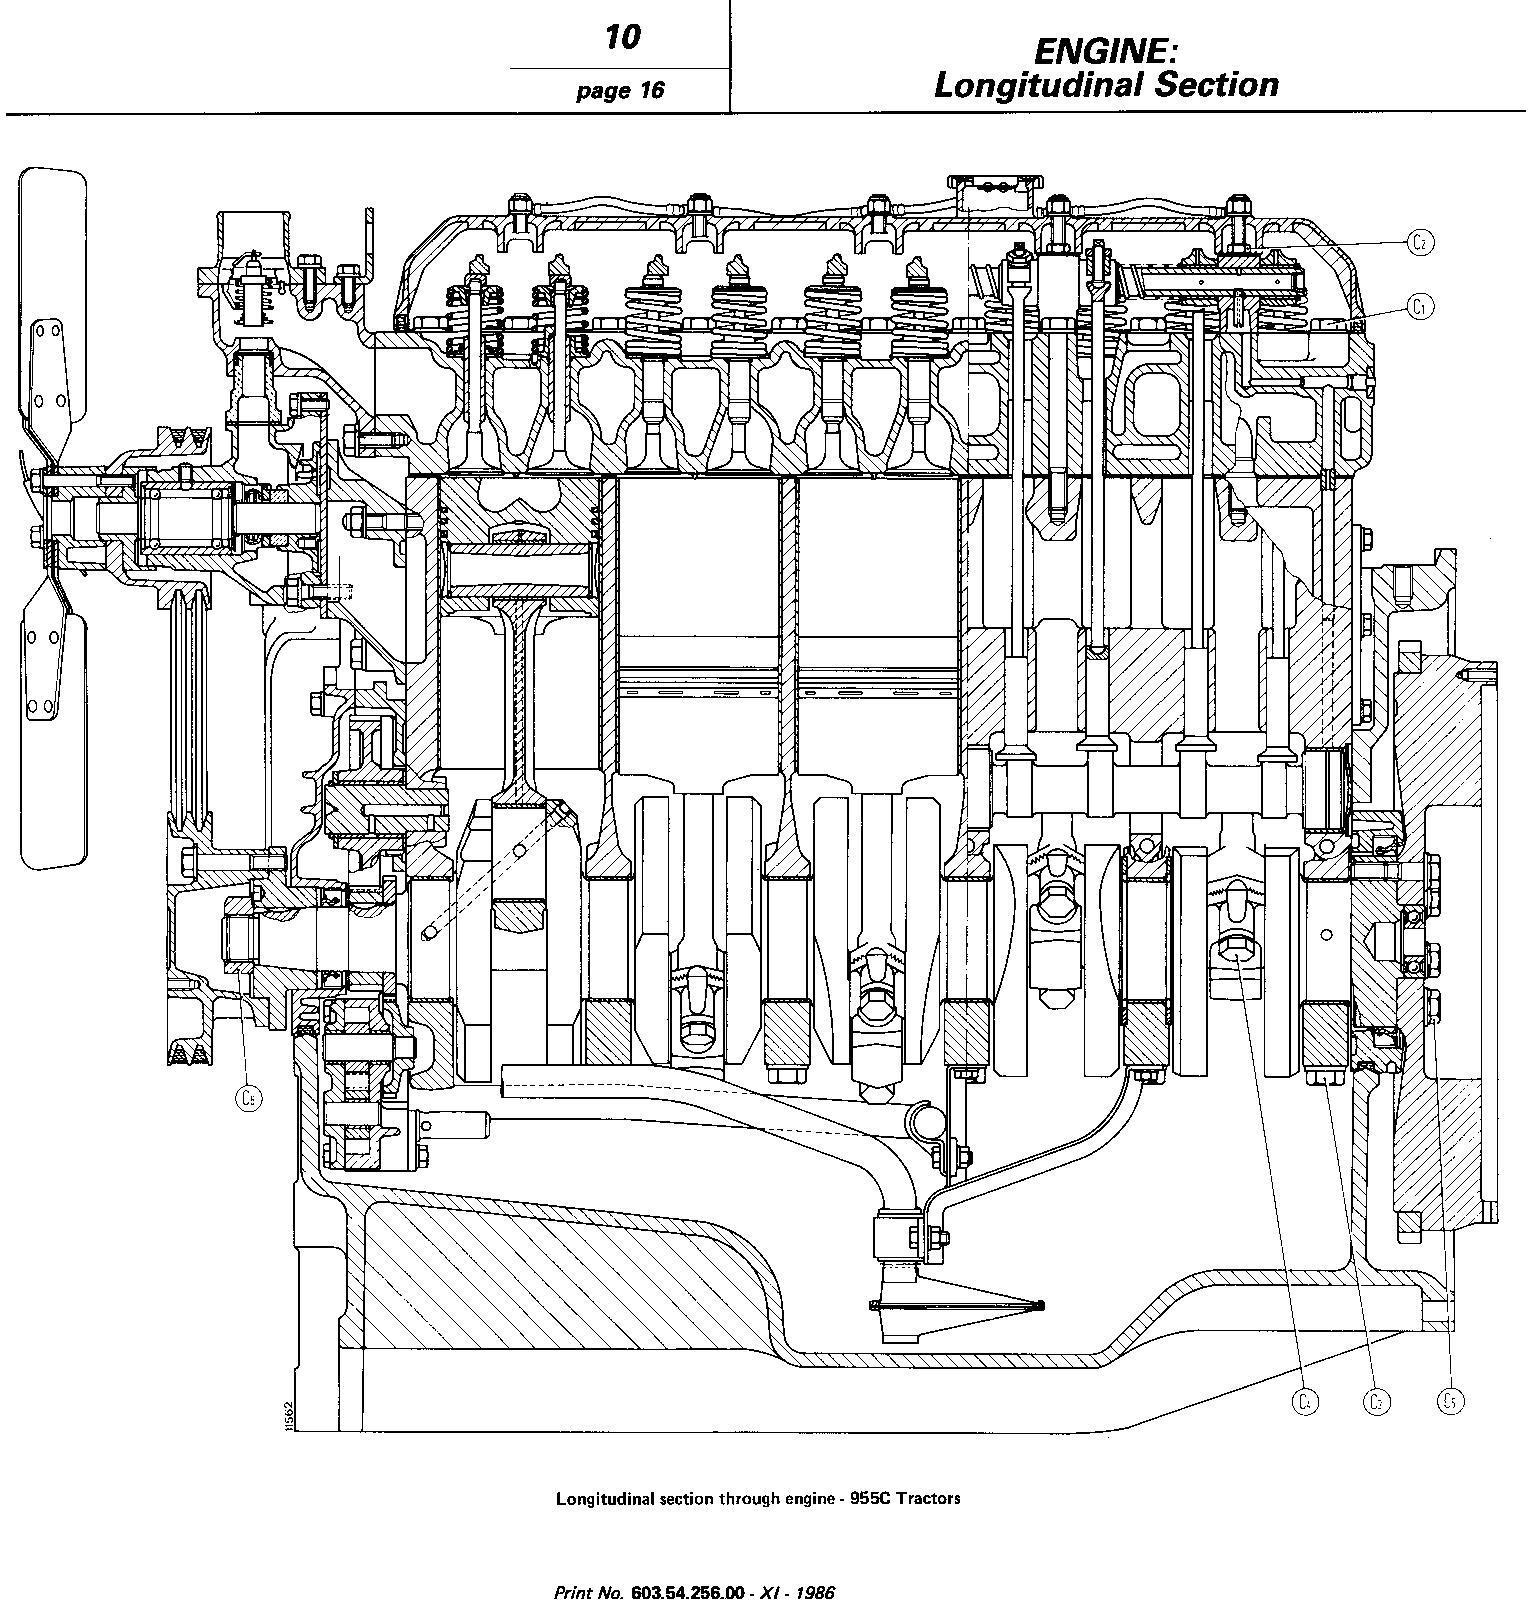 Fiat 855C, 955C, 85-55, 95-55 Crawler Tractor Workshop